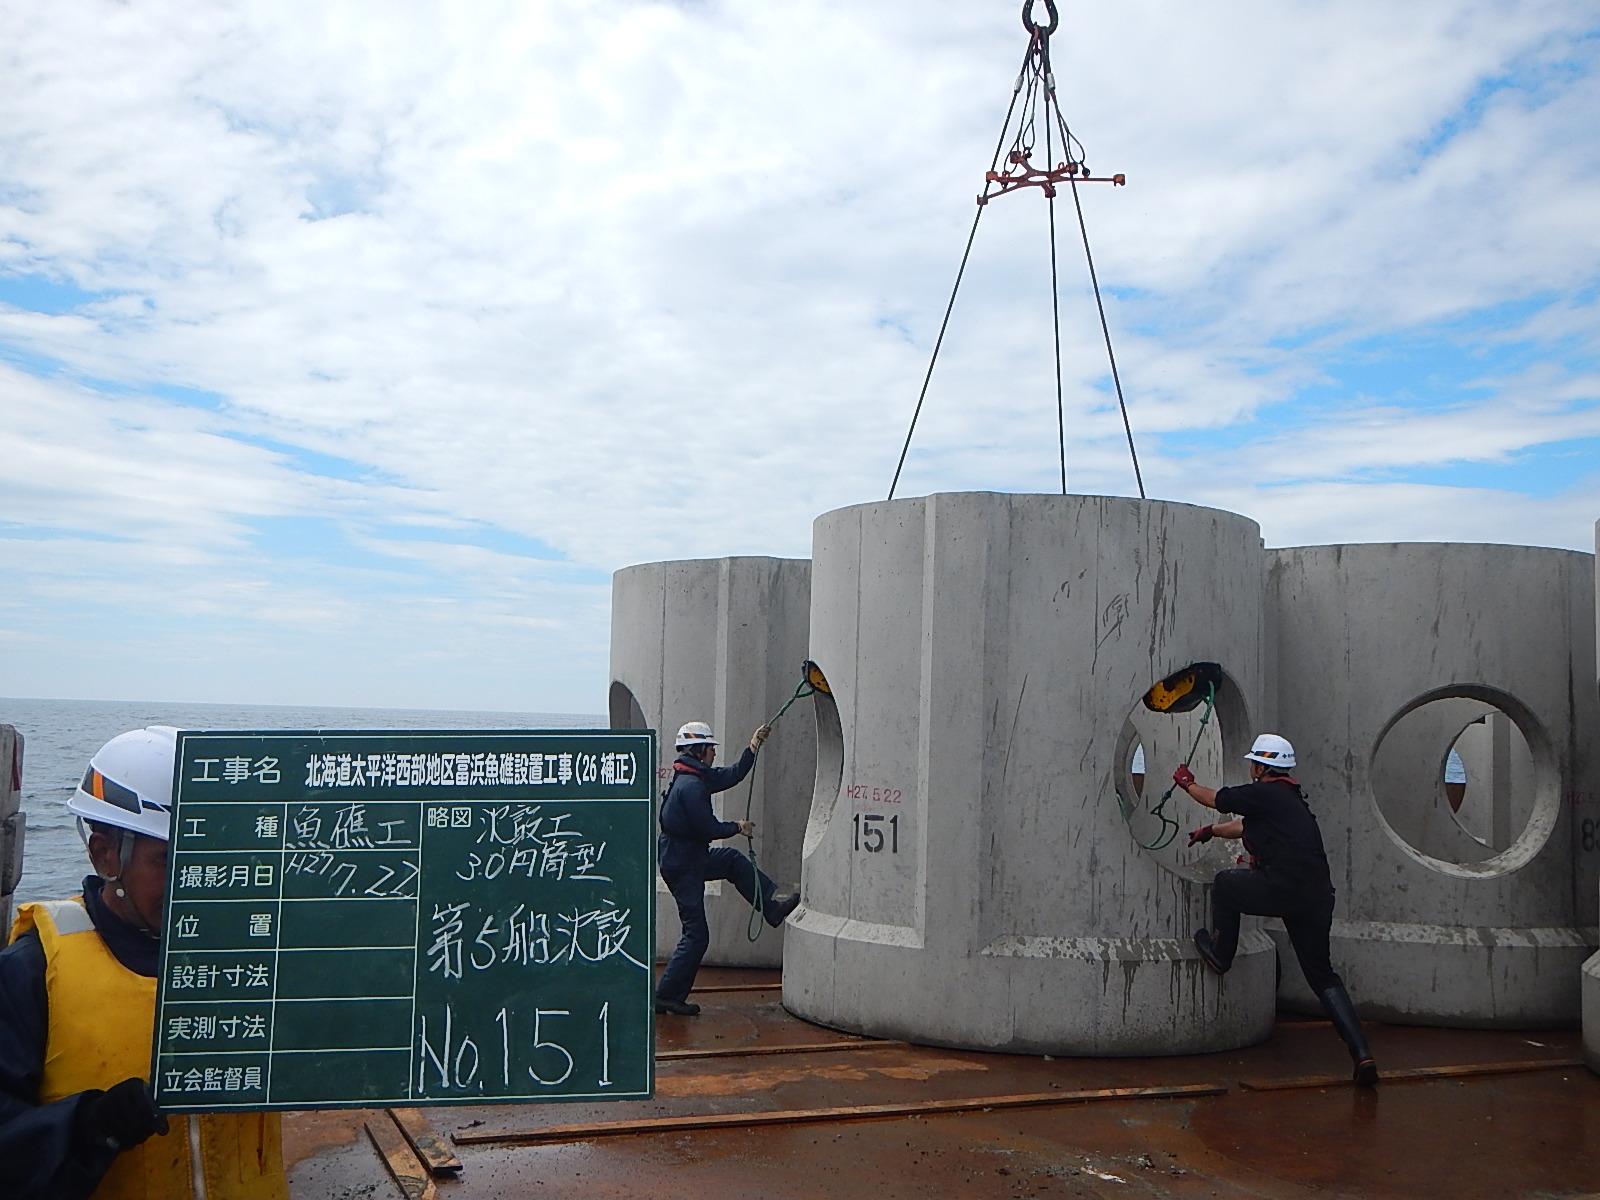 北海道太平洋西部地区富浜漁礁設置工事(26補正)